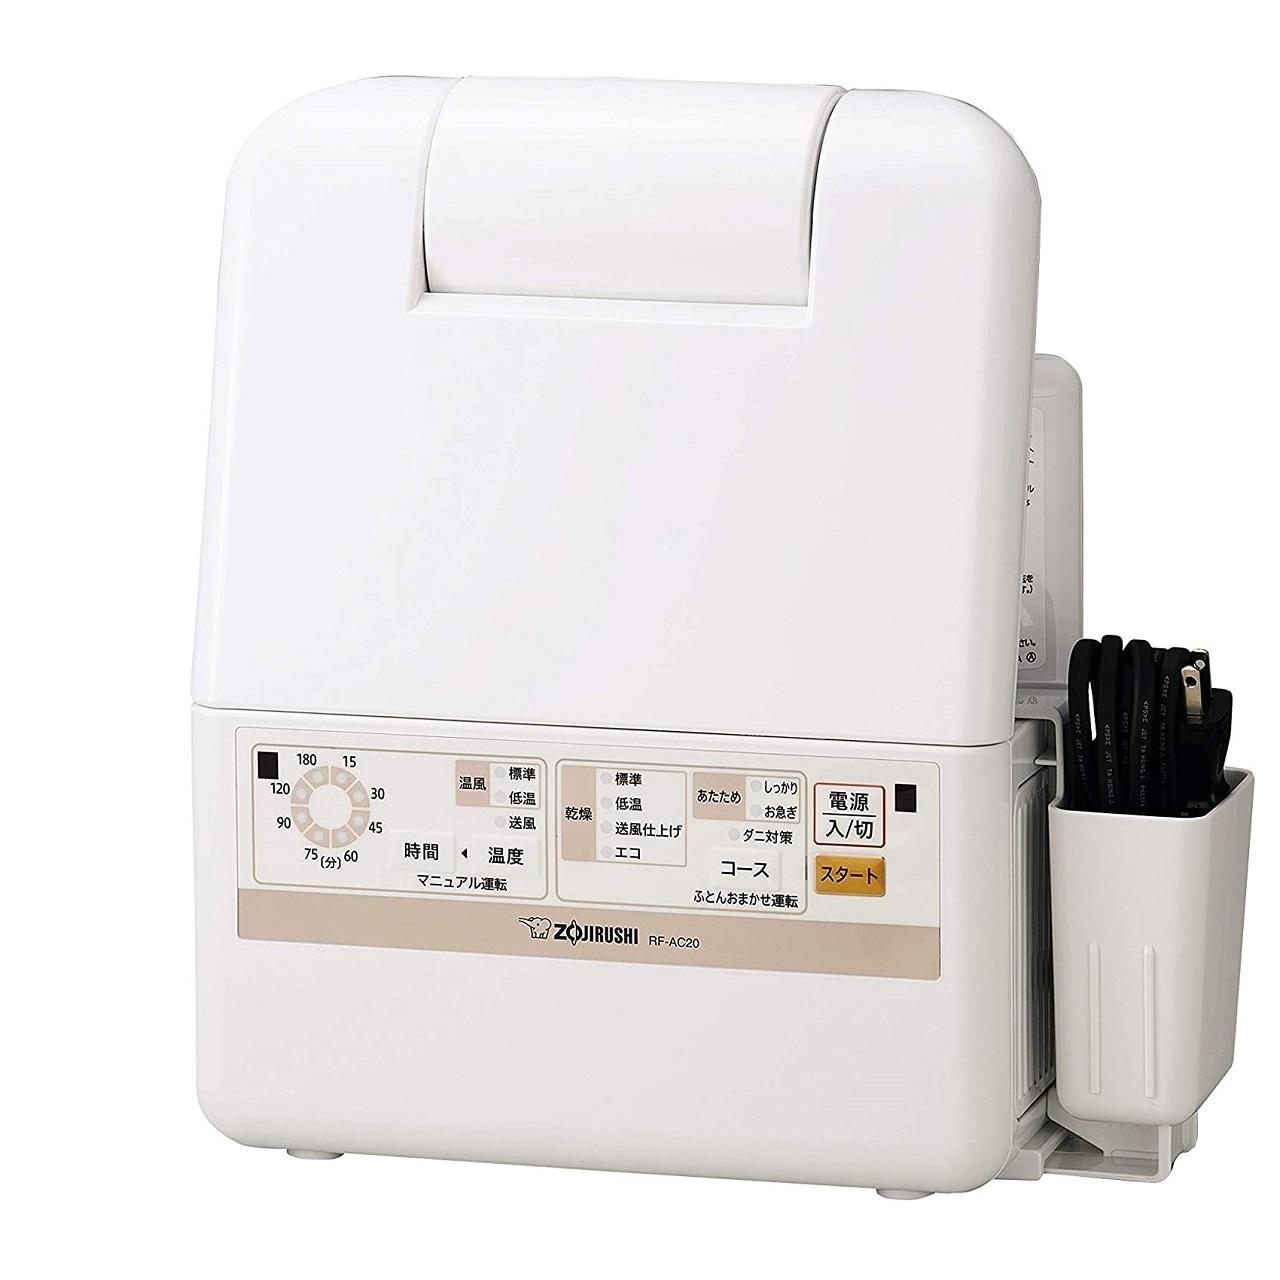 象印スマートドライRF-AC20ふとん乾燥機